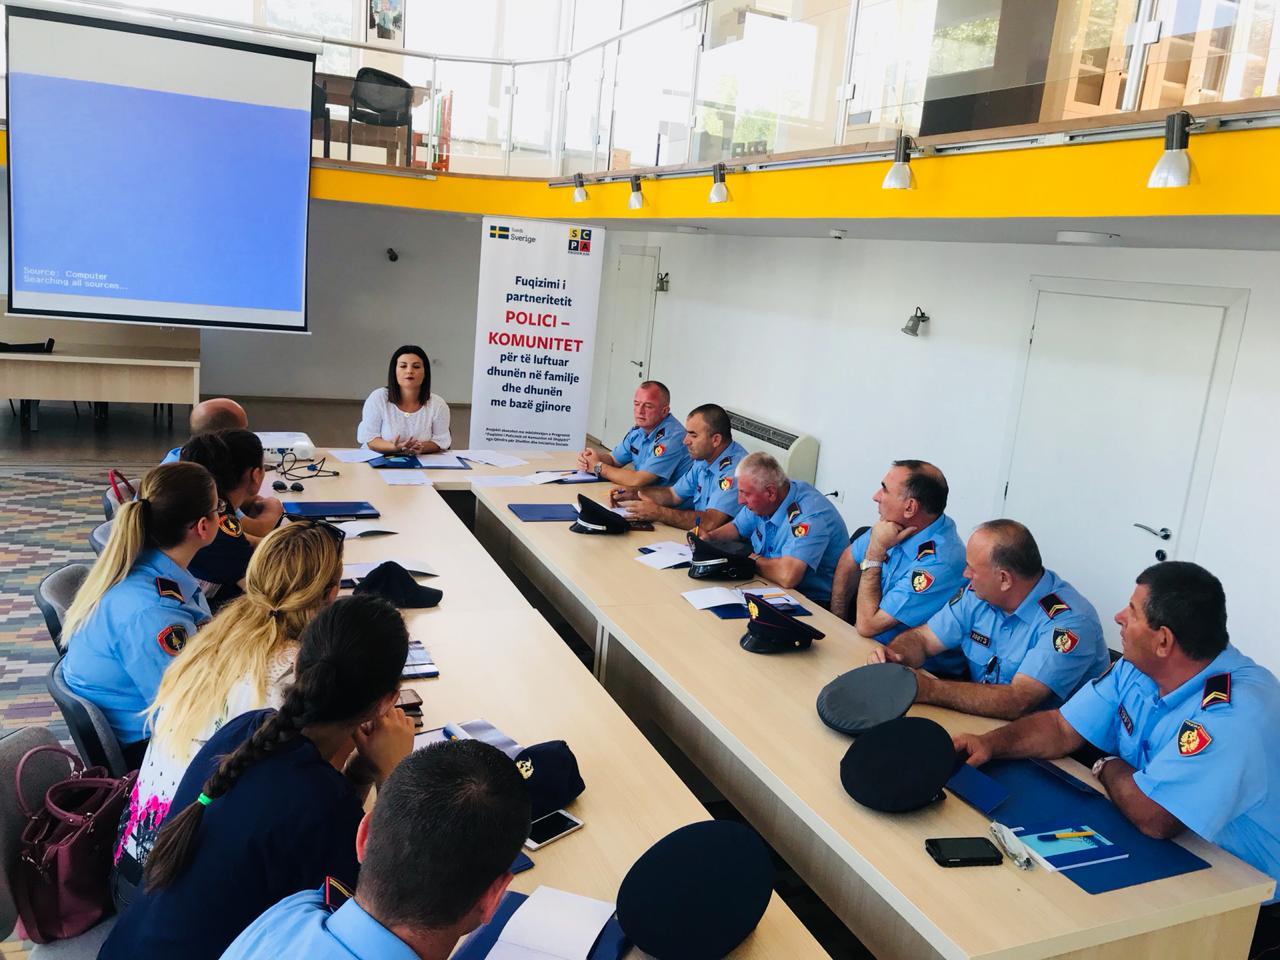 Ngritja e kapaciteteve të punonjësve të policisë për të punuar me viktimat e dhunës në familje